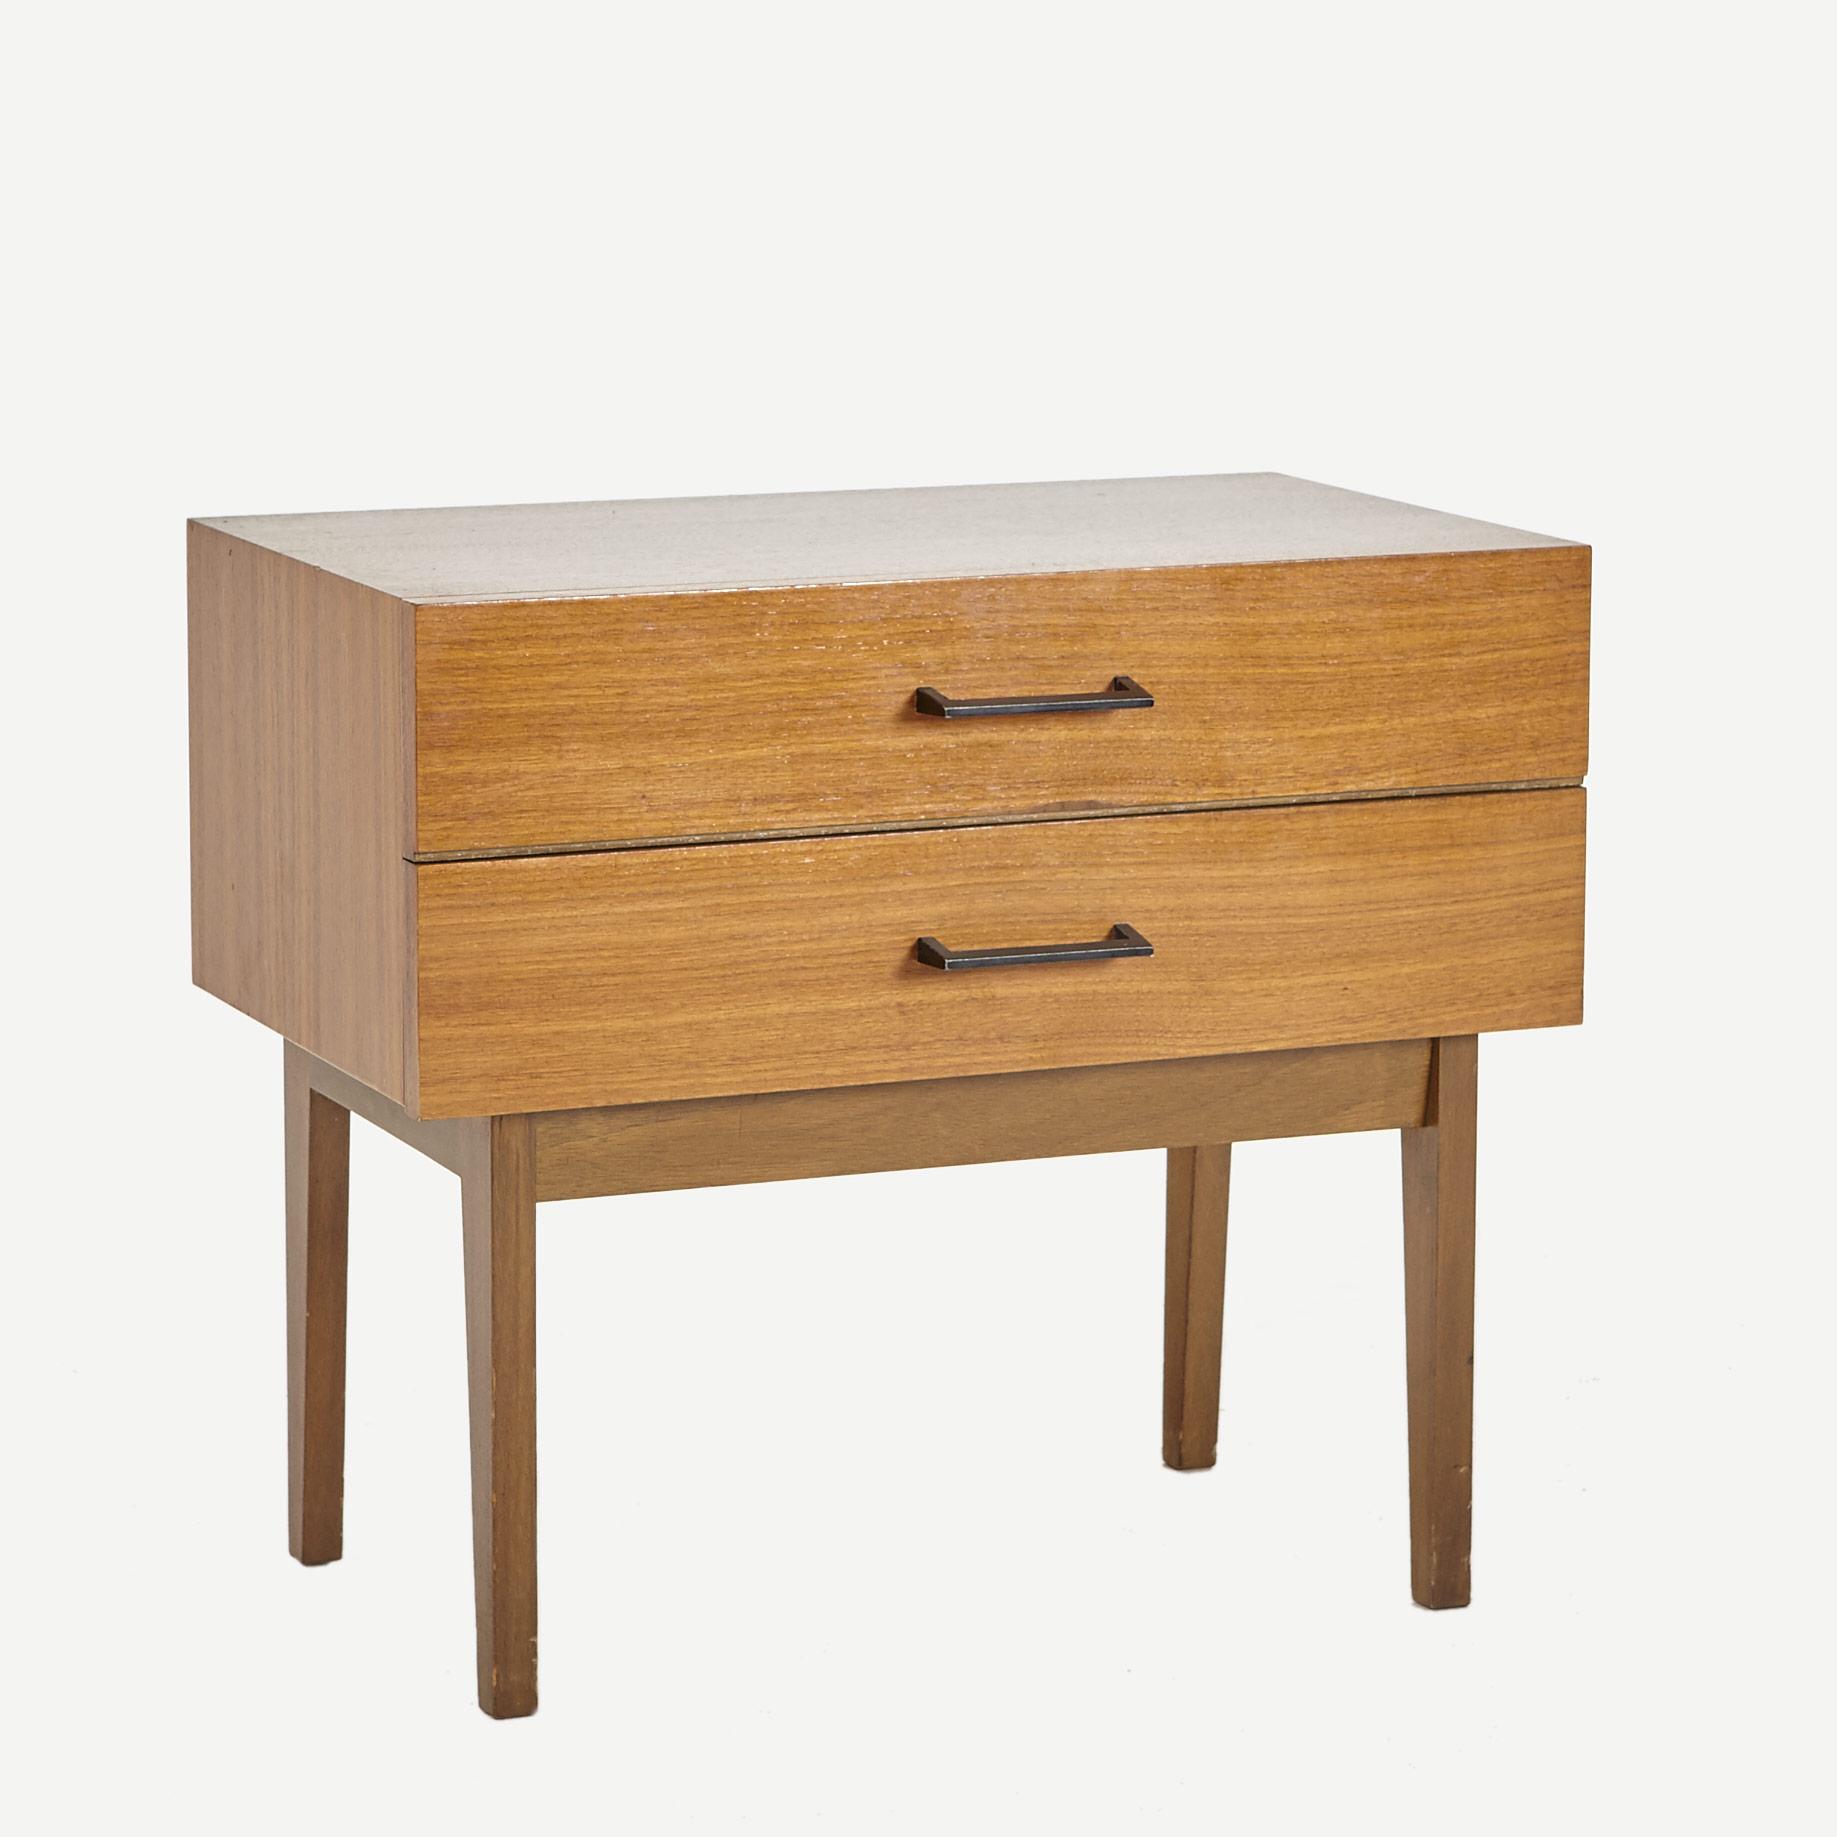 nachttischchen m bel z rich vintagem bel. Black Bedroom Furniture Sets. Home Design Ideas